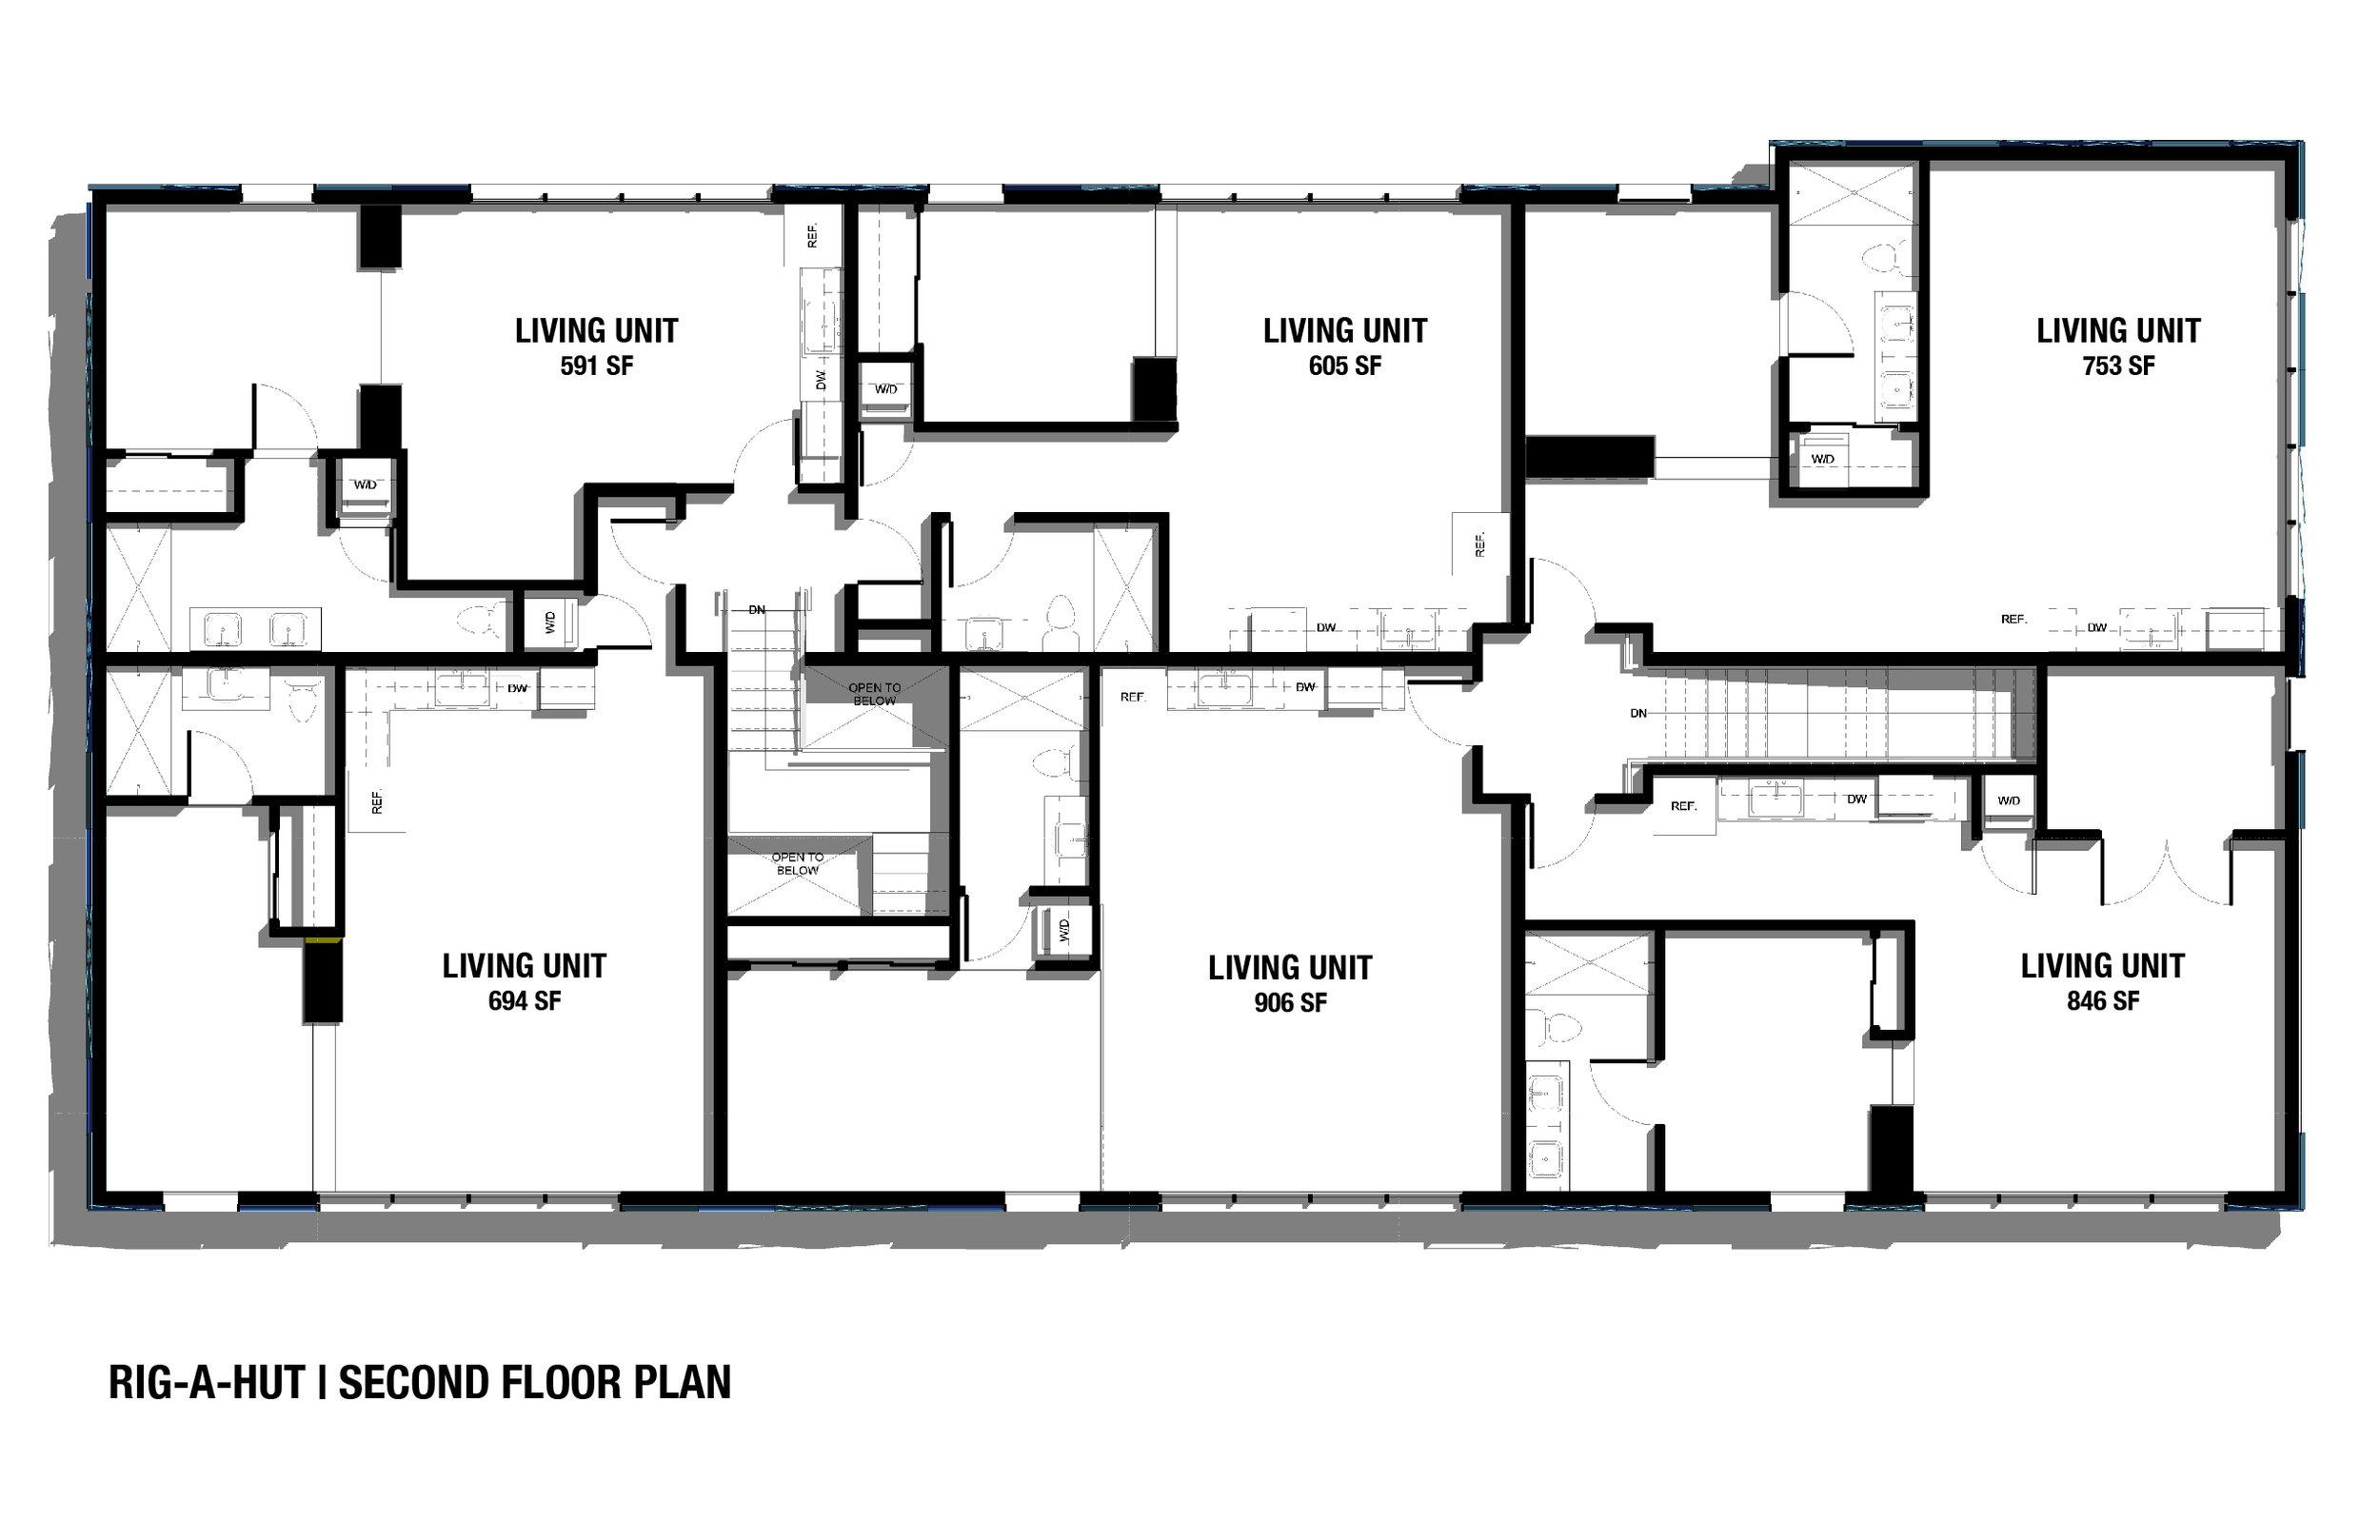 Rig-A-Hut_Floor Plans-02.jpg